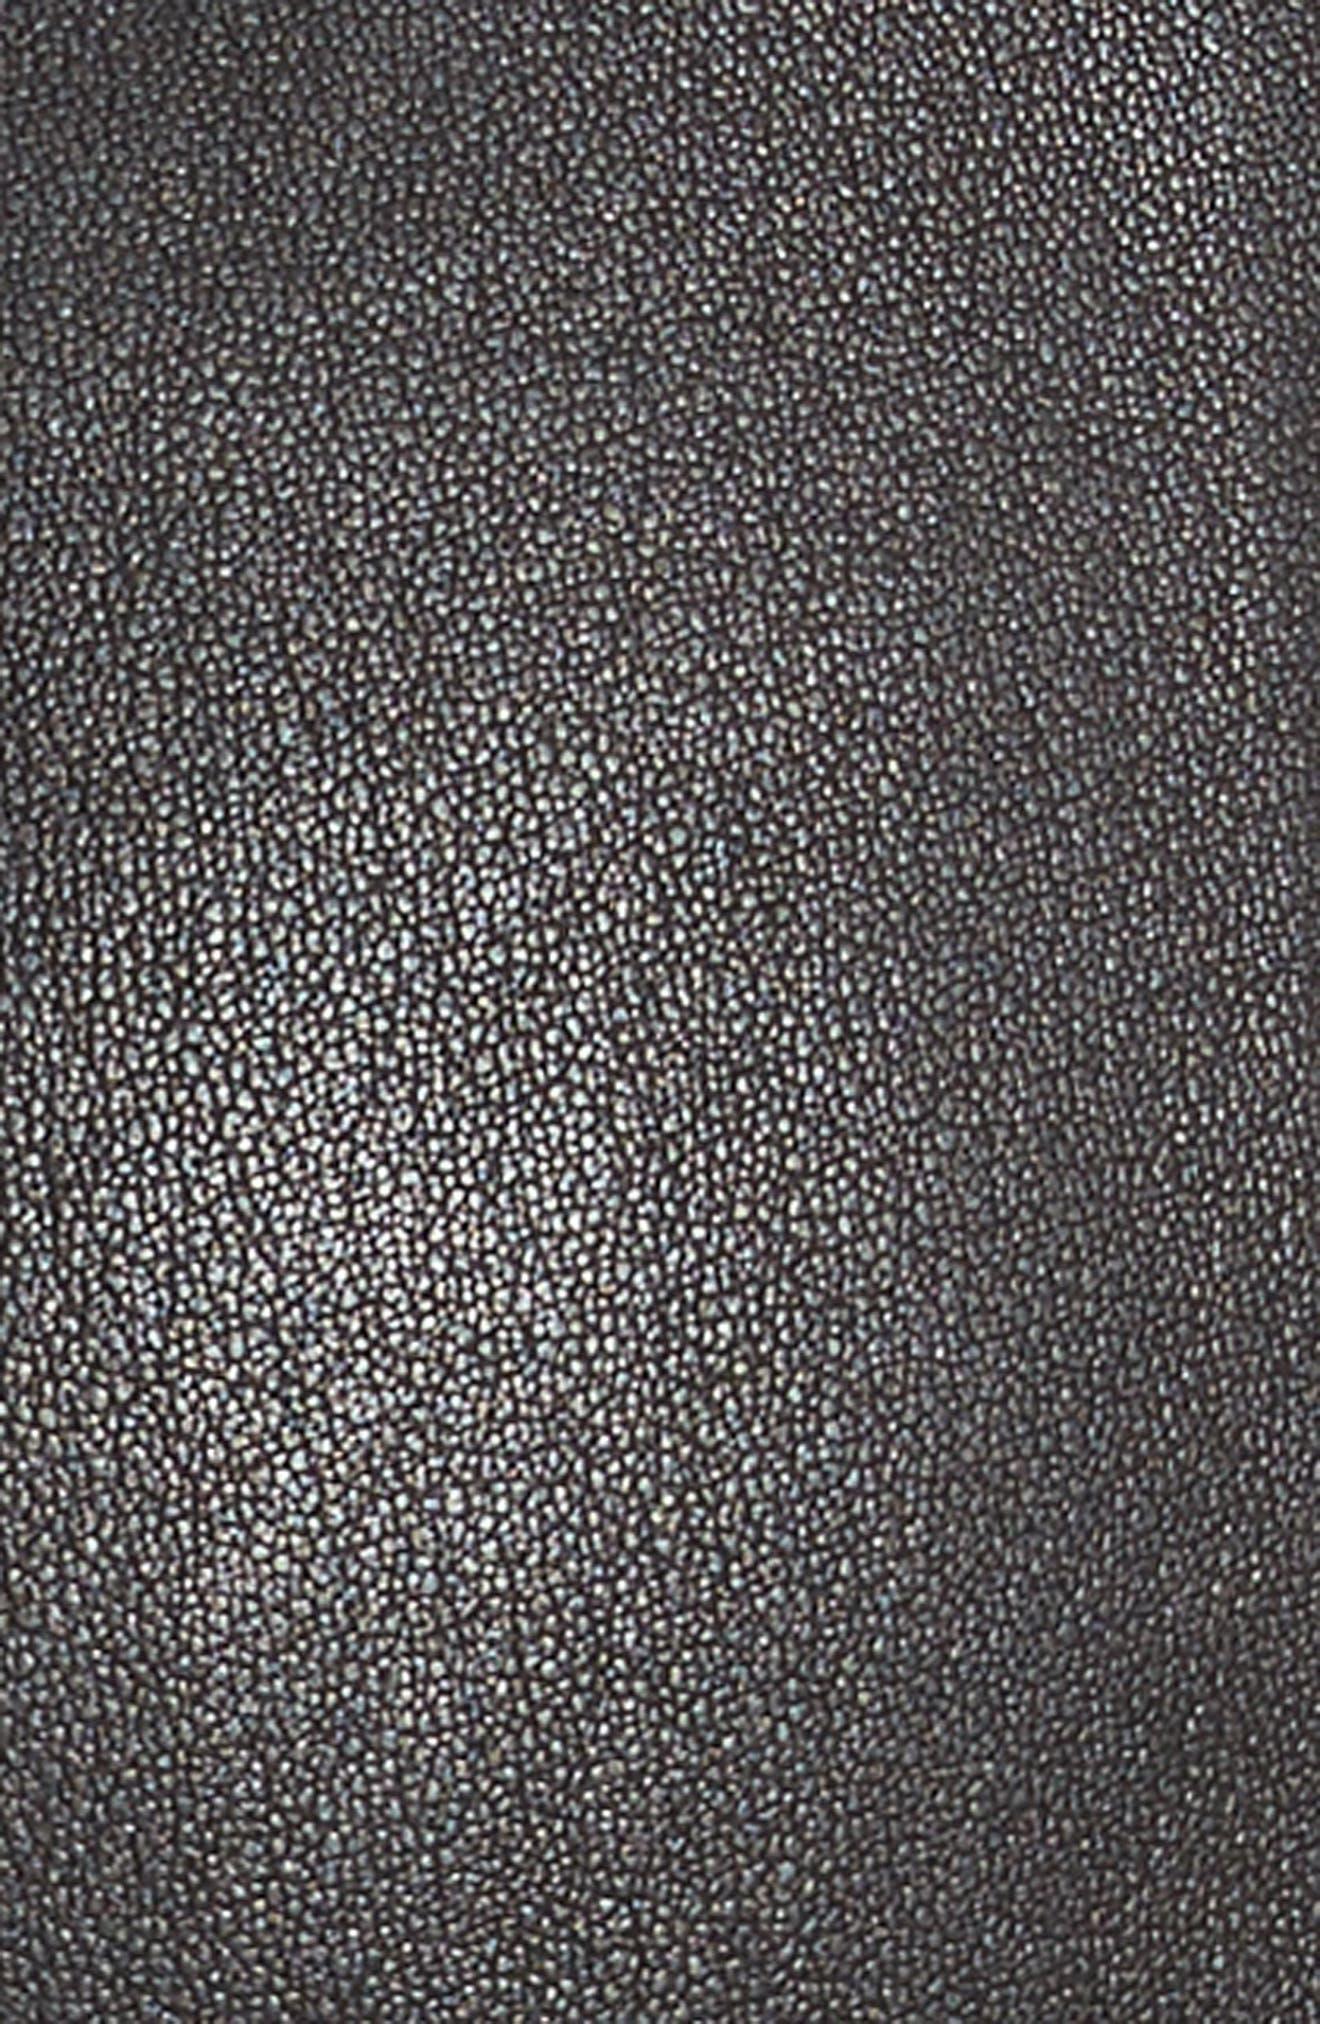 Delia Lace Up Leather Pants,                             Alternate thumbnail 5, color,                             001